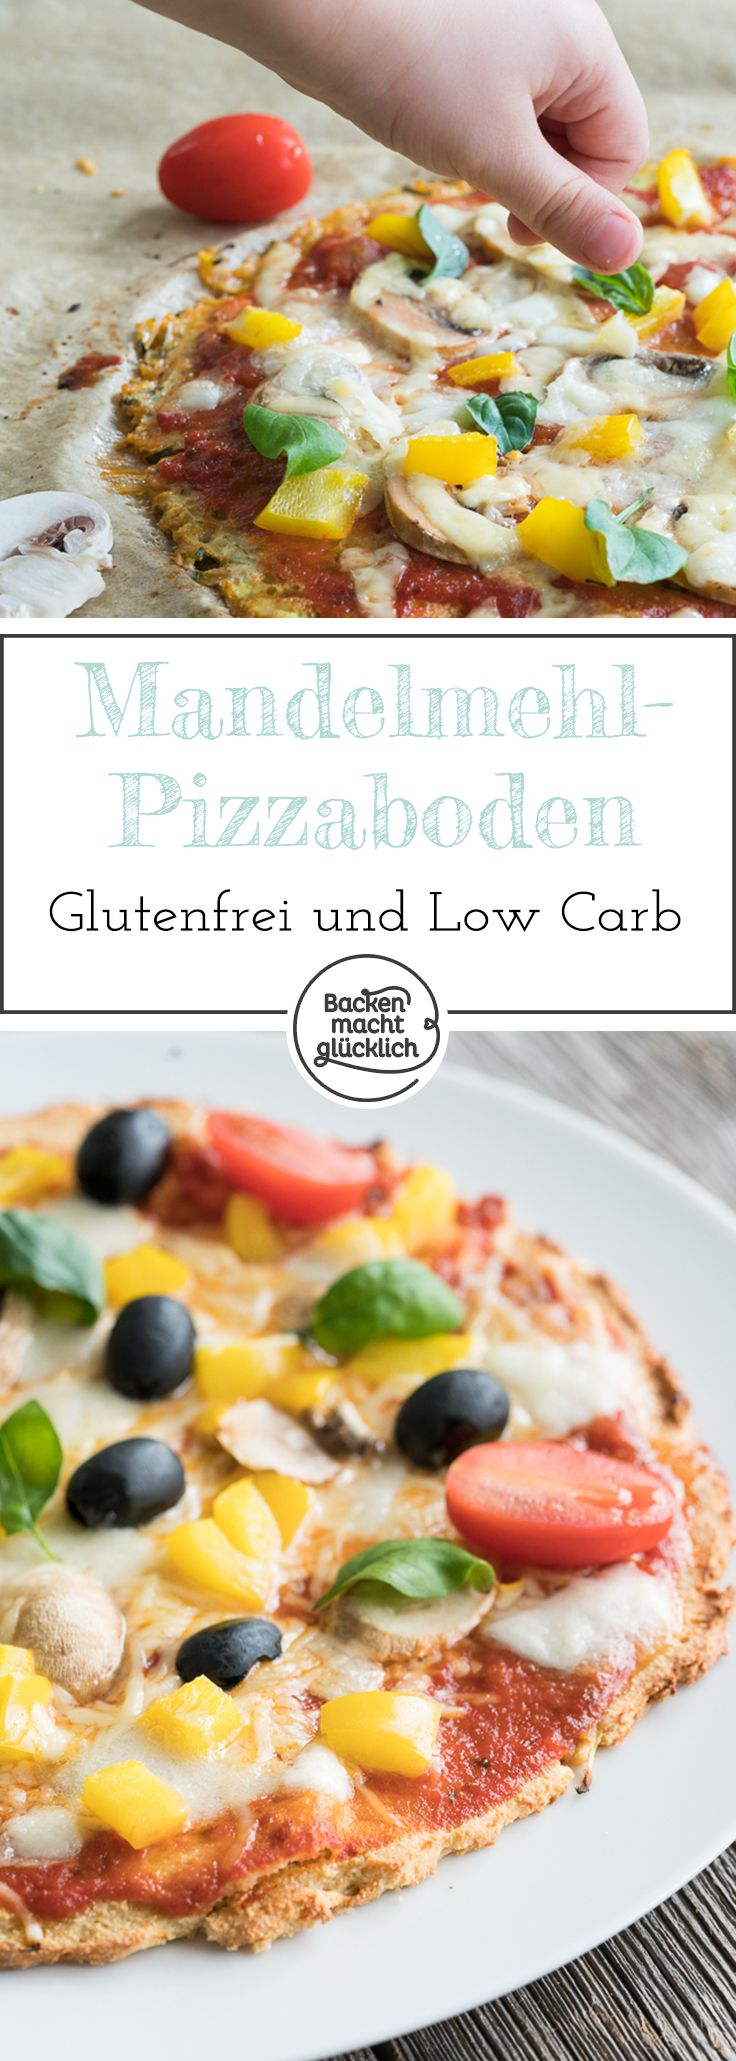 low carb pizza mit mandelmehl rezept 1 low carb low carb pizza und pizza. Black Bedroom Furniture Sets. Home Design Ideas